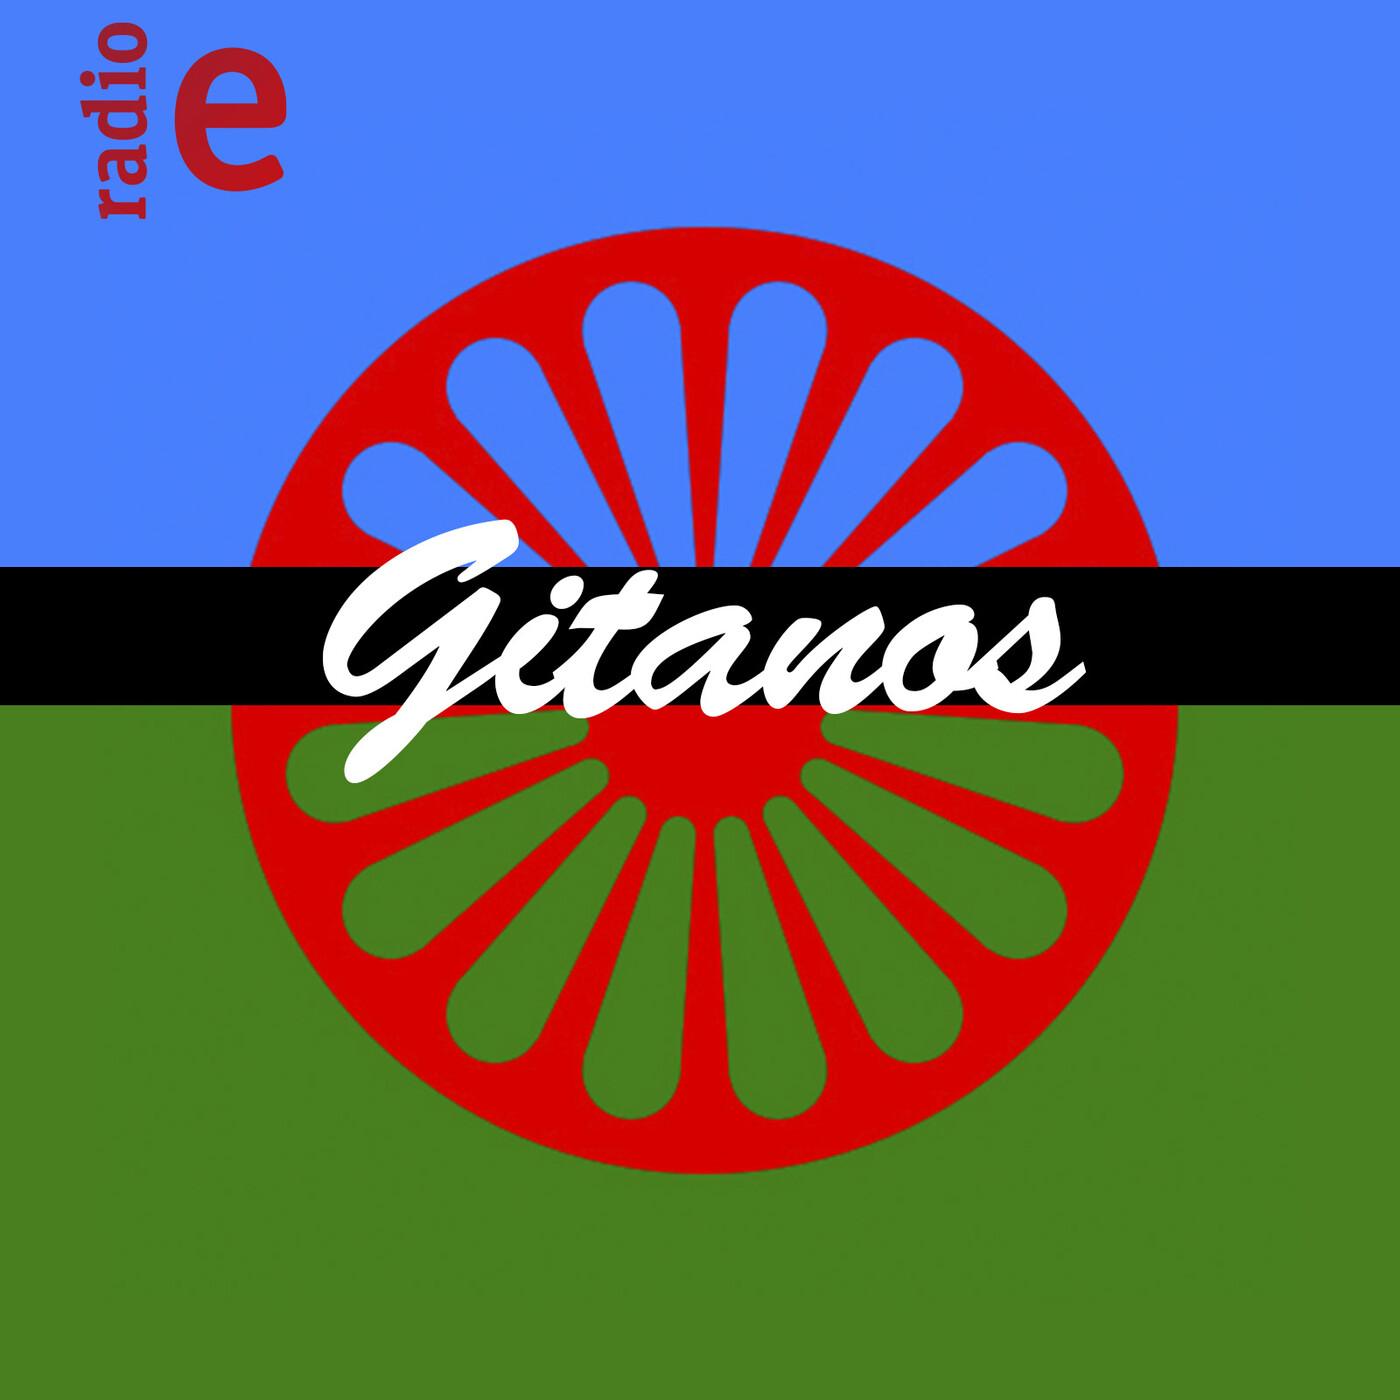 Gitanos - Marianet: gitano y libertario - 12/09/20